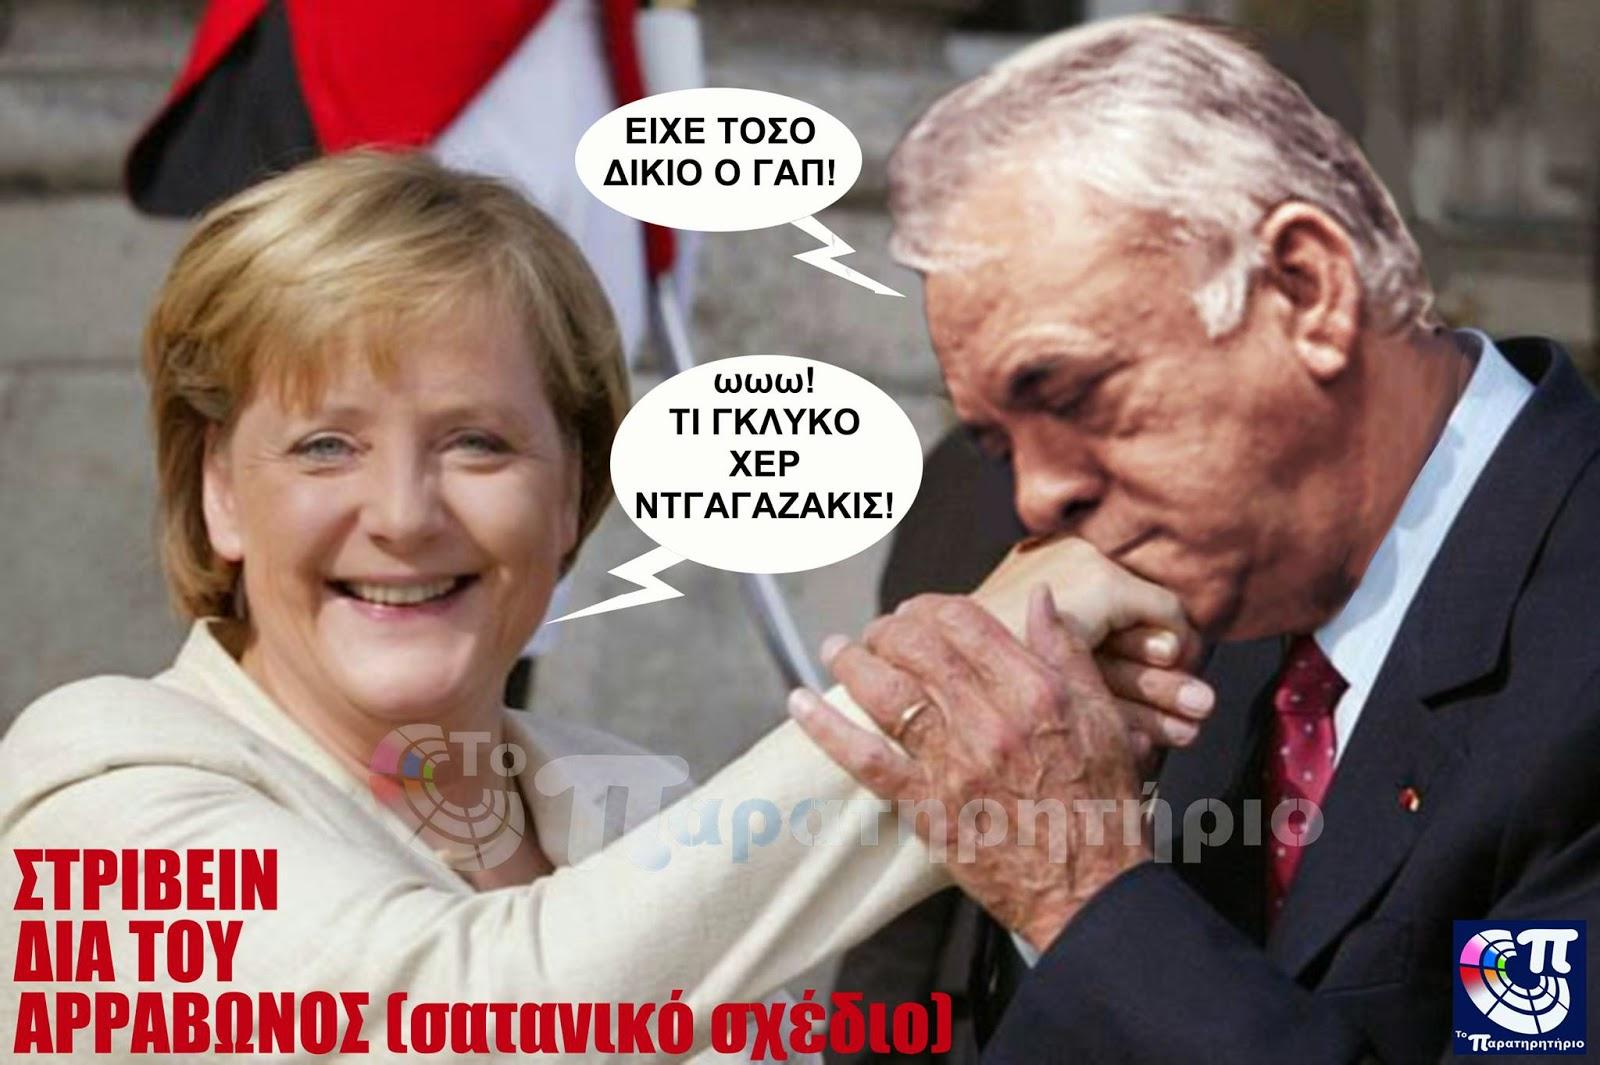 """Βρε καλώς τους πολιτικούς απατεώνες του Σύριζα! Άρχισε τα """"σταδιακά"""" ο Mr Tsipras! Πάει η """"κατάργηση του Μνημονίου με ένα νόμο"""""""